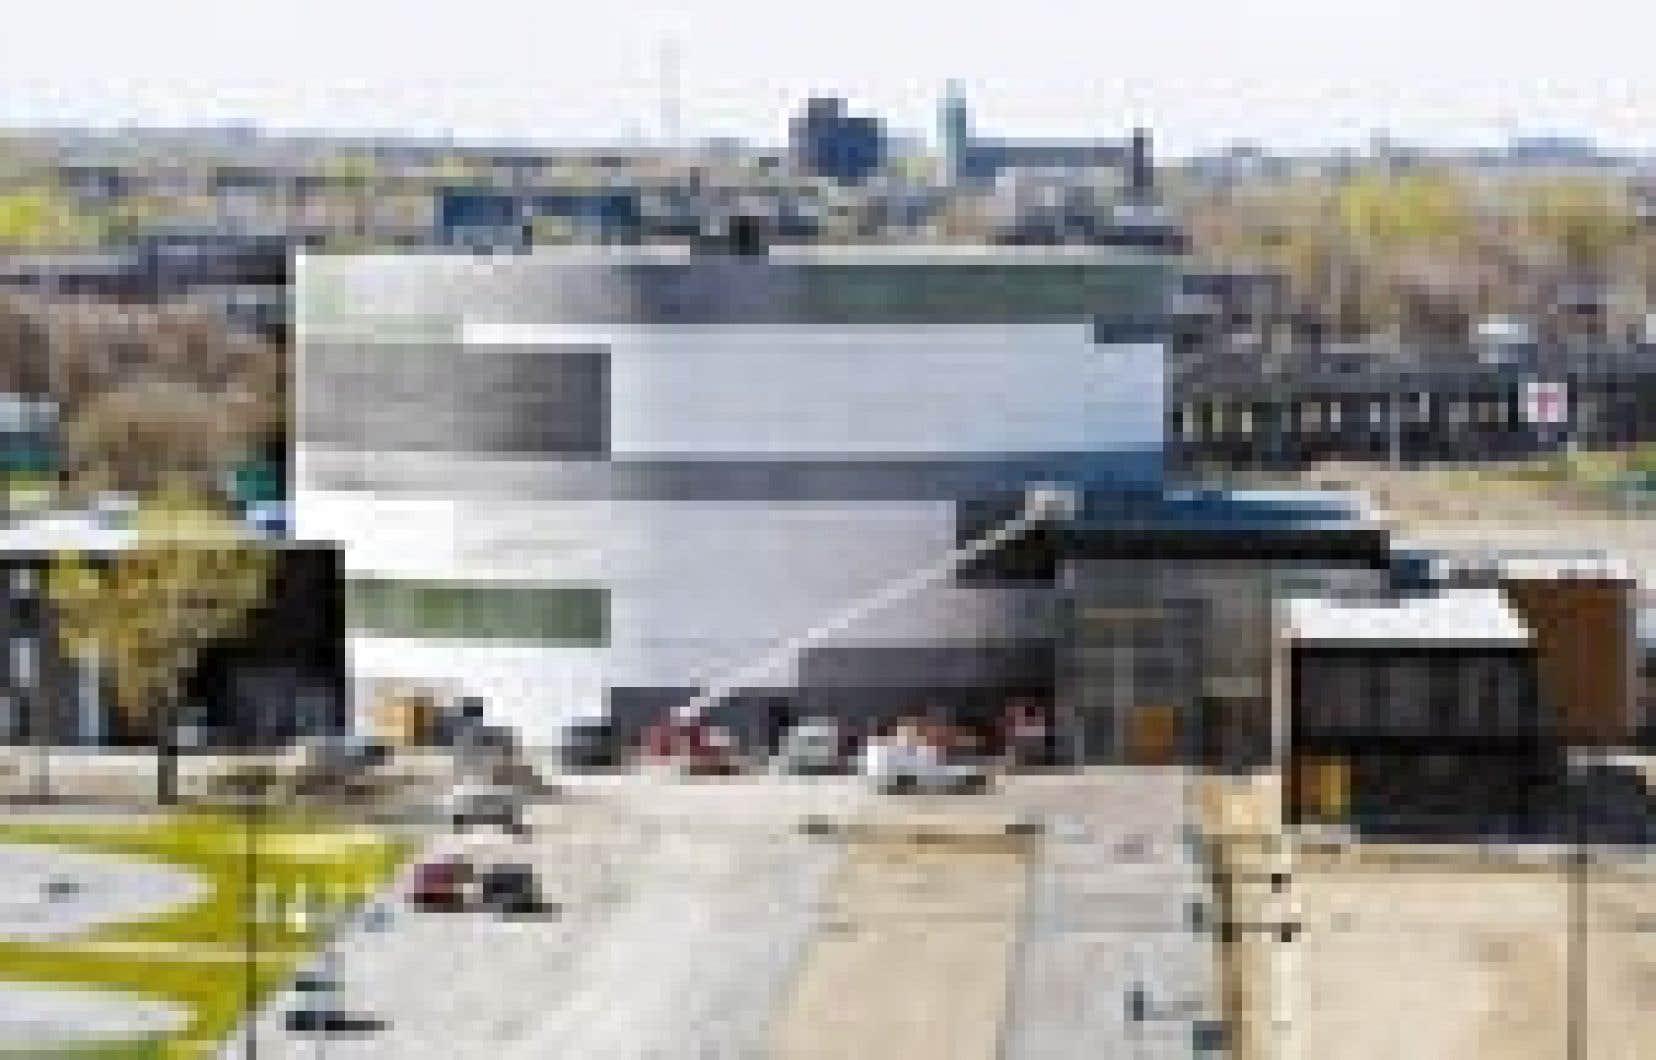 La structure circulaire du chapiteau de la Cité des arts du cirque. Il s'agit du premier d'une série de projets montréalais conçus selon les principes de la construction responsable.